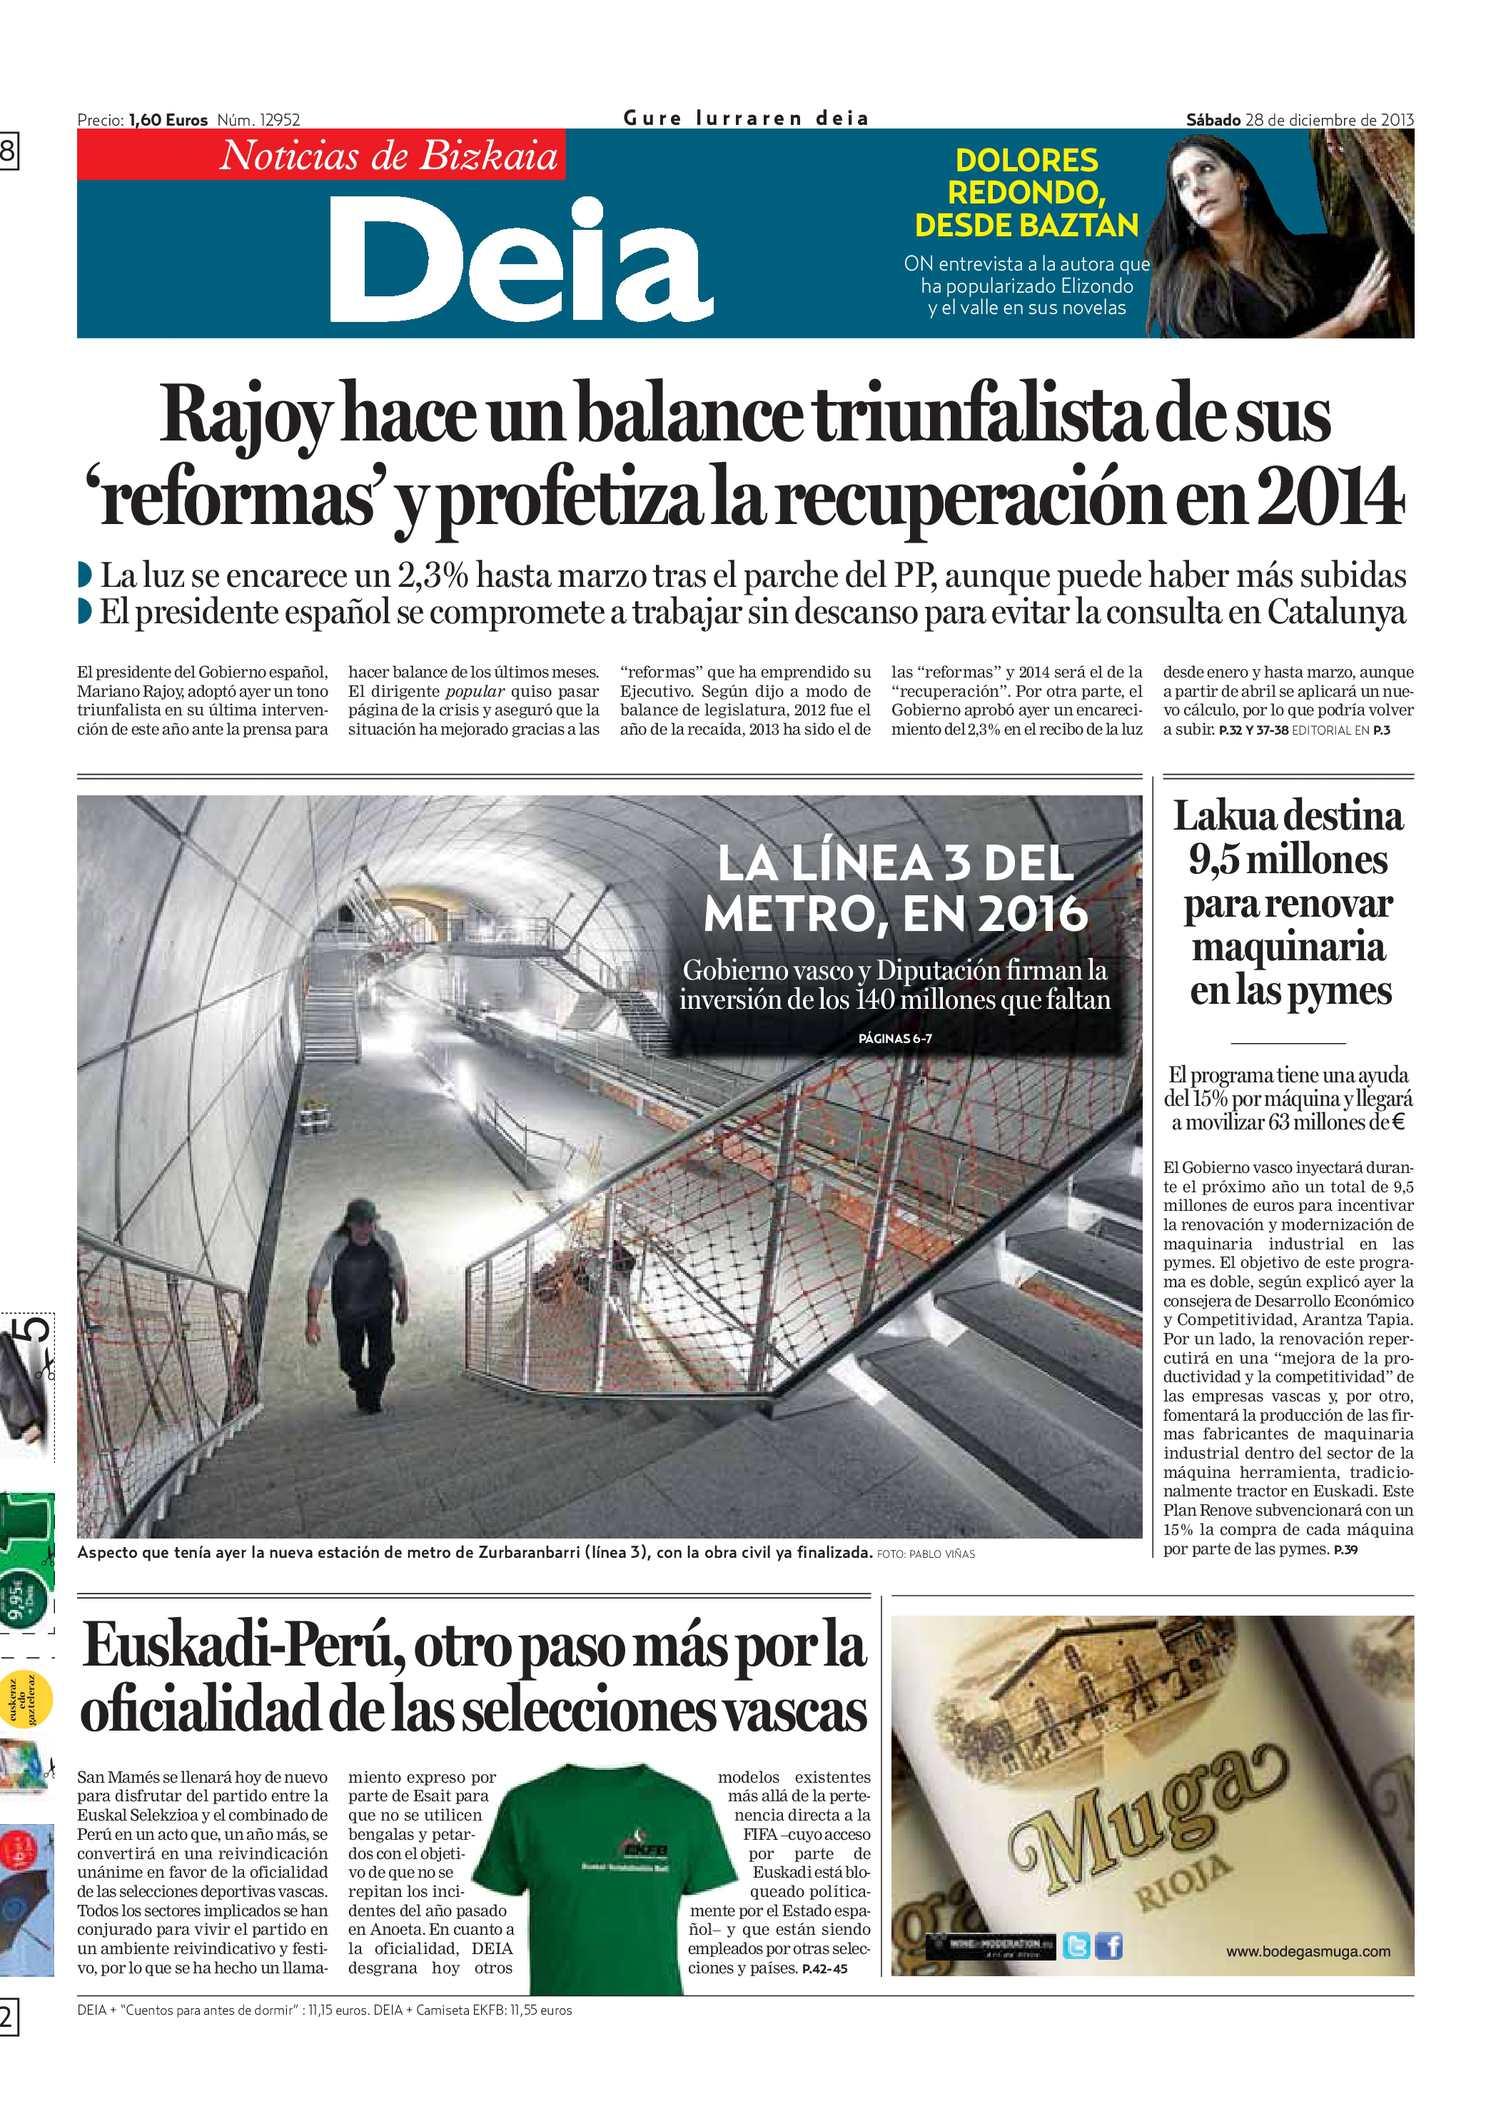 Calaméo - Deia 20131228 2bb3abe26de